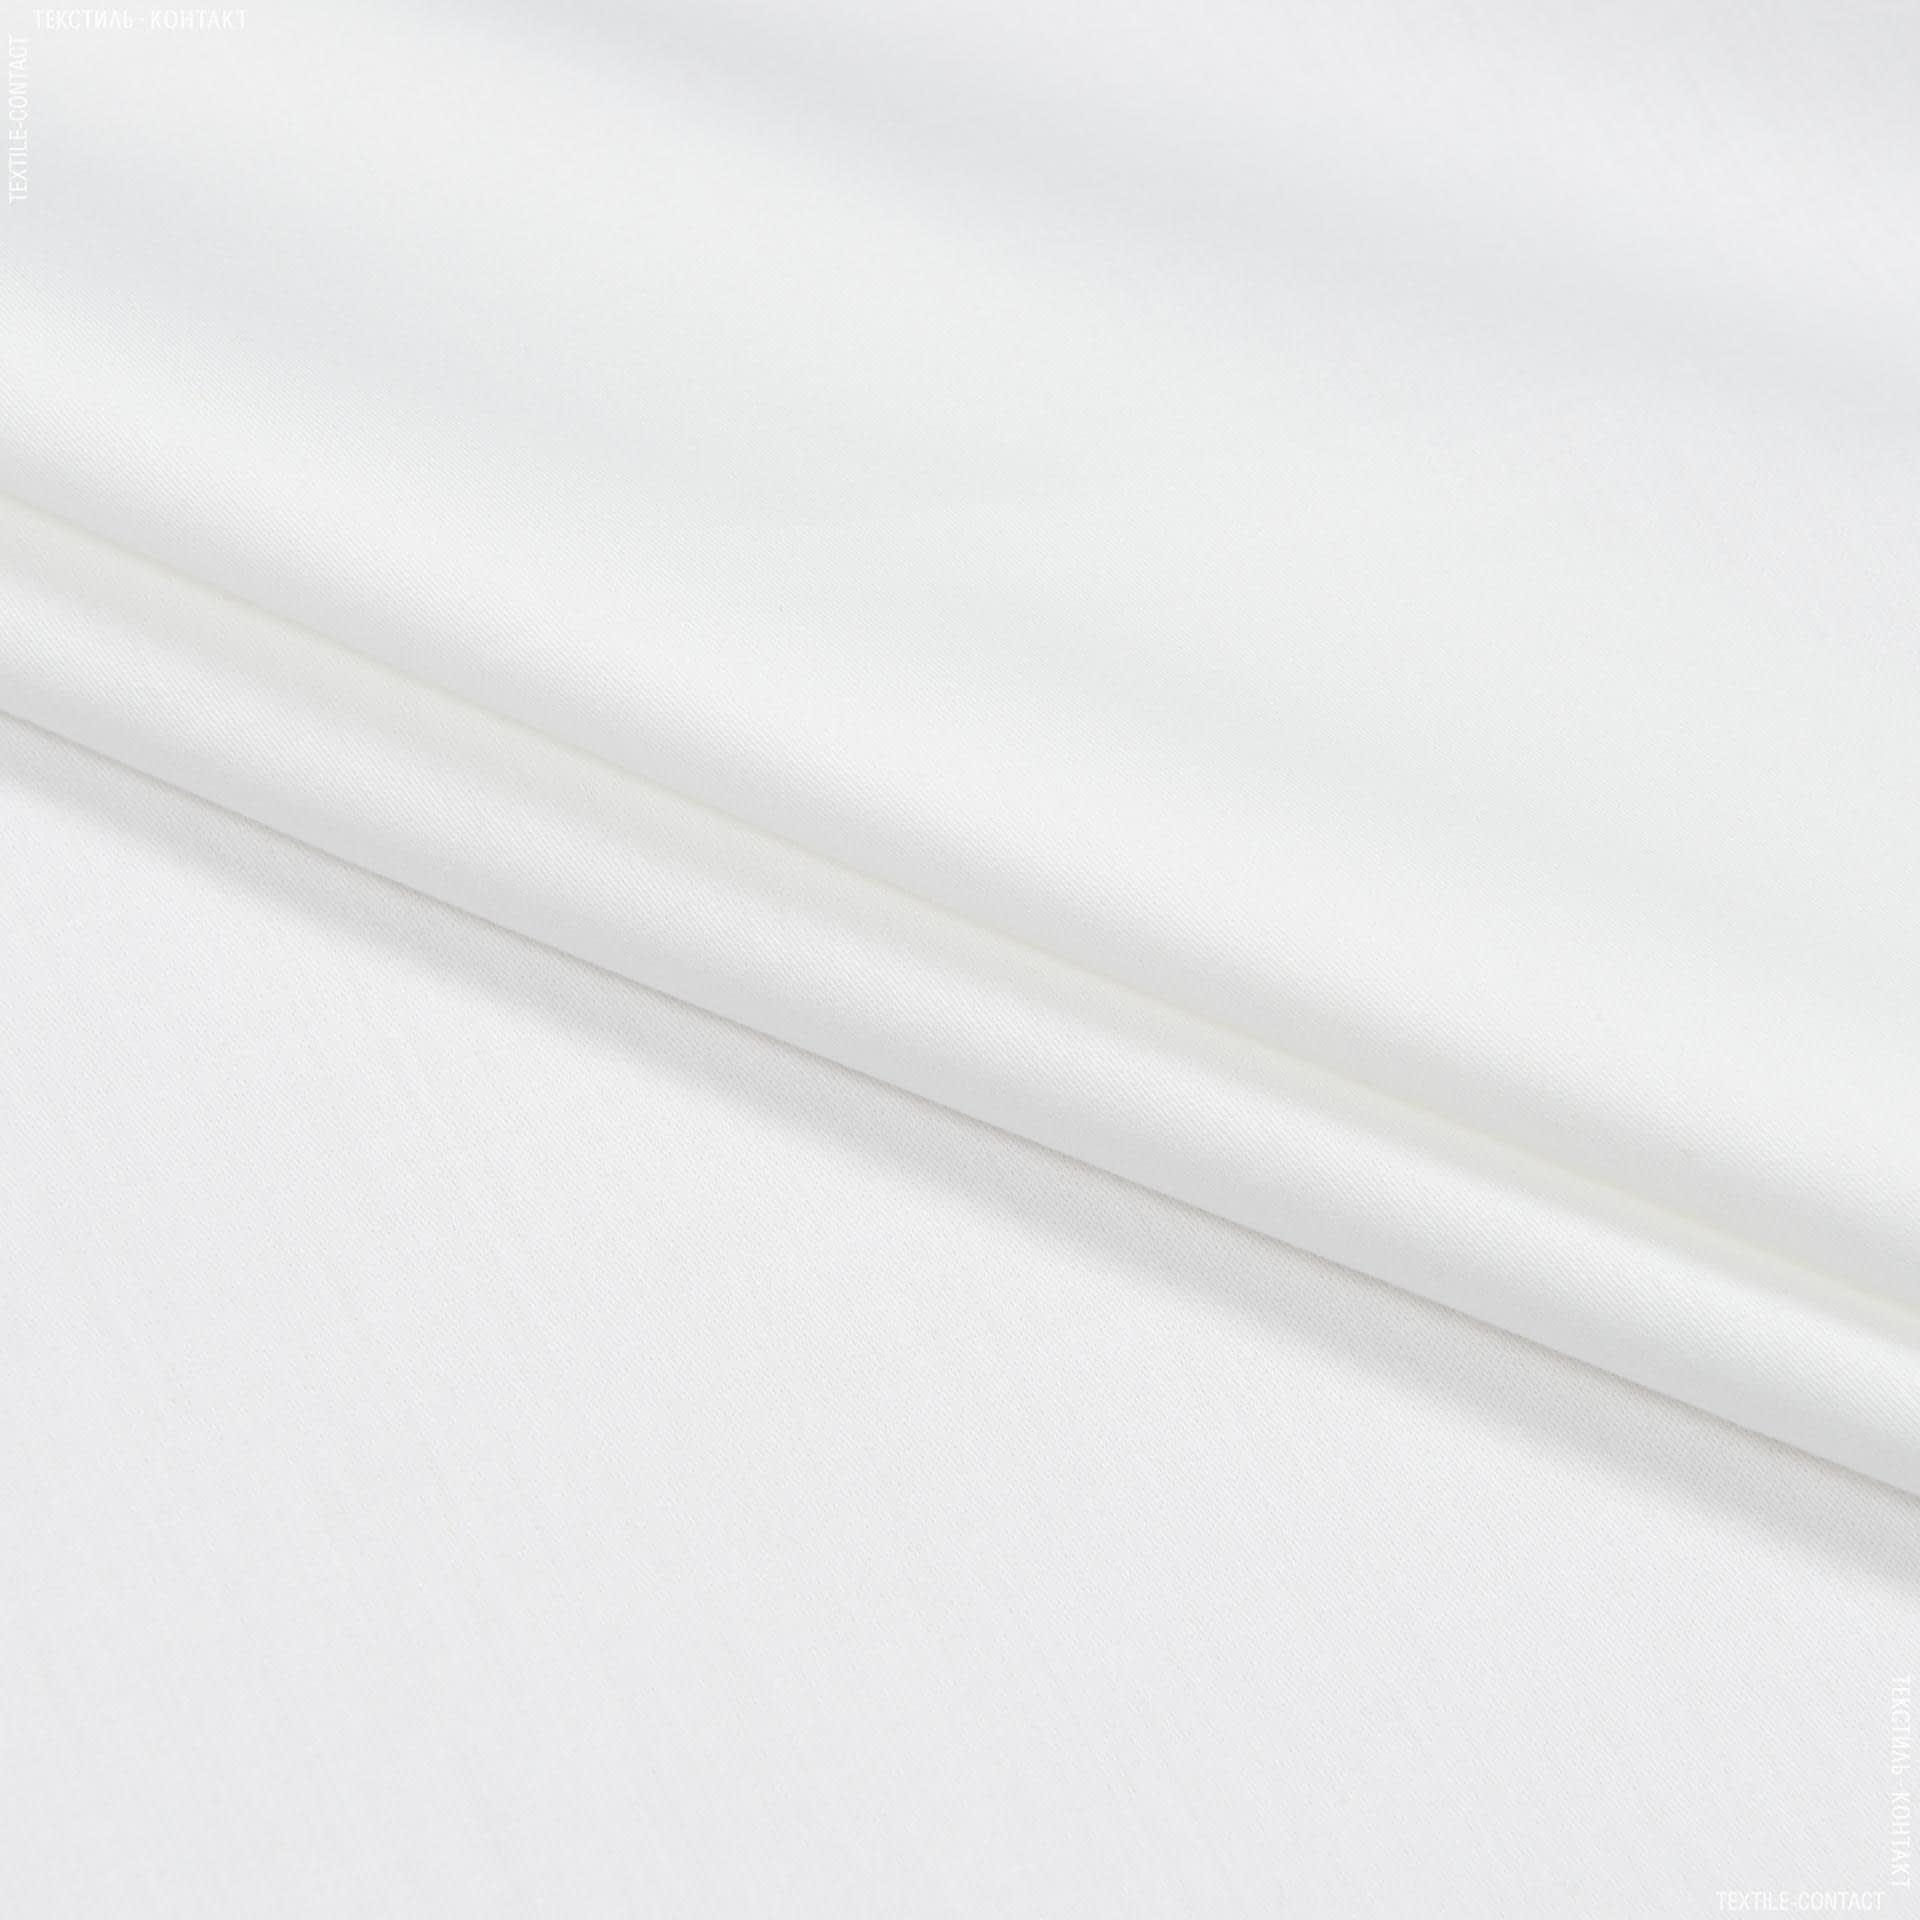 Тканини для дитячої постільної білизни - Евро сатин лісо / eurosaten liso молочний